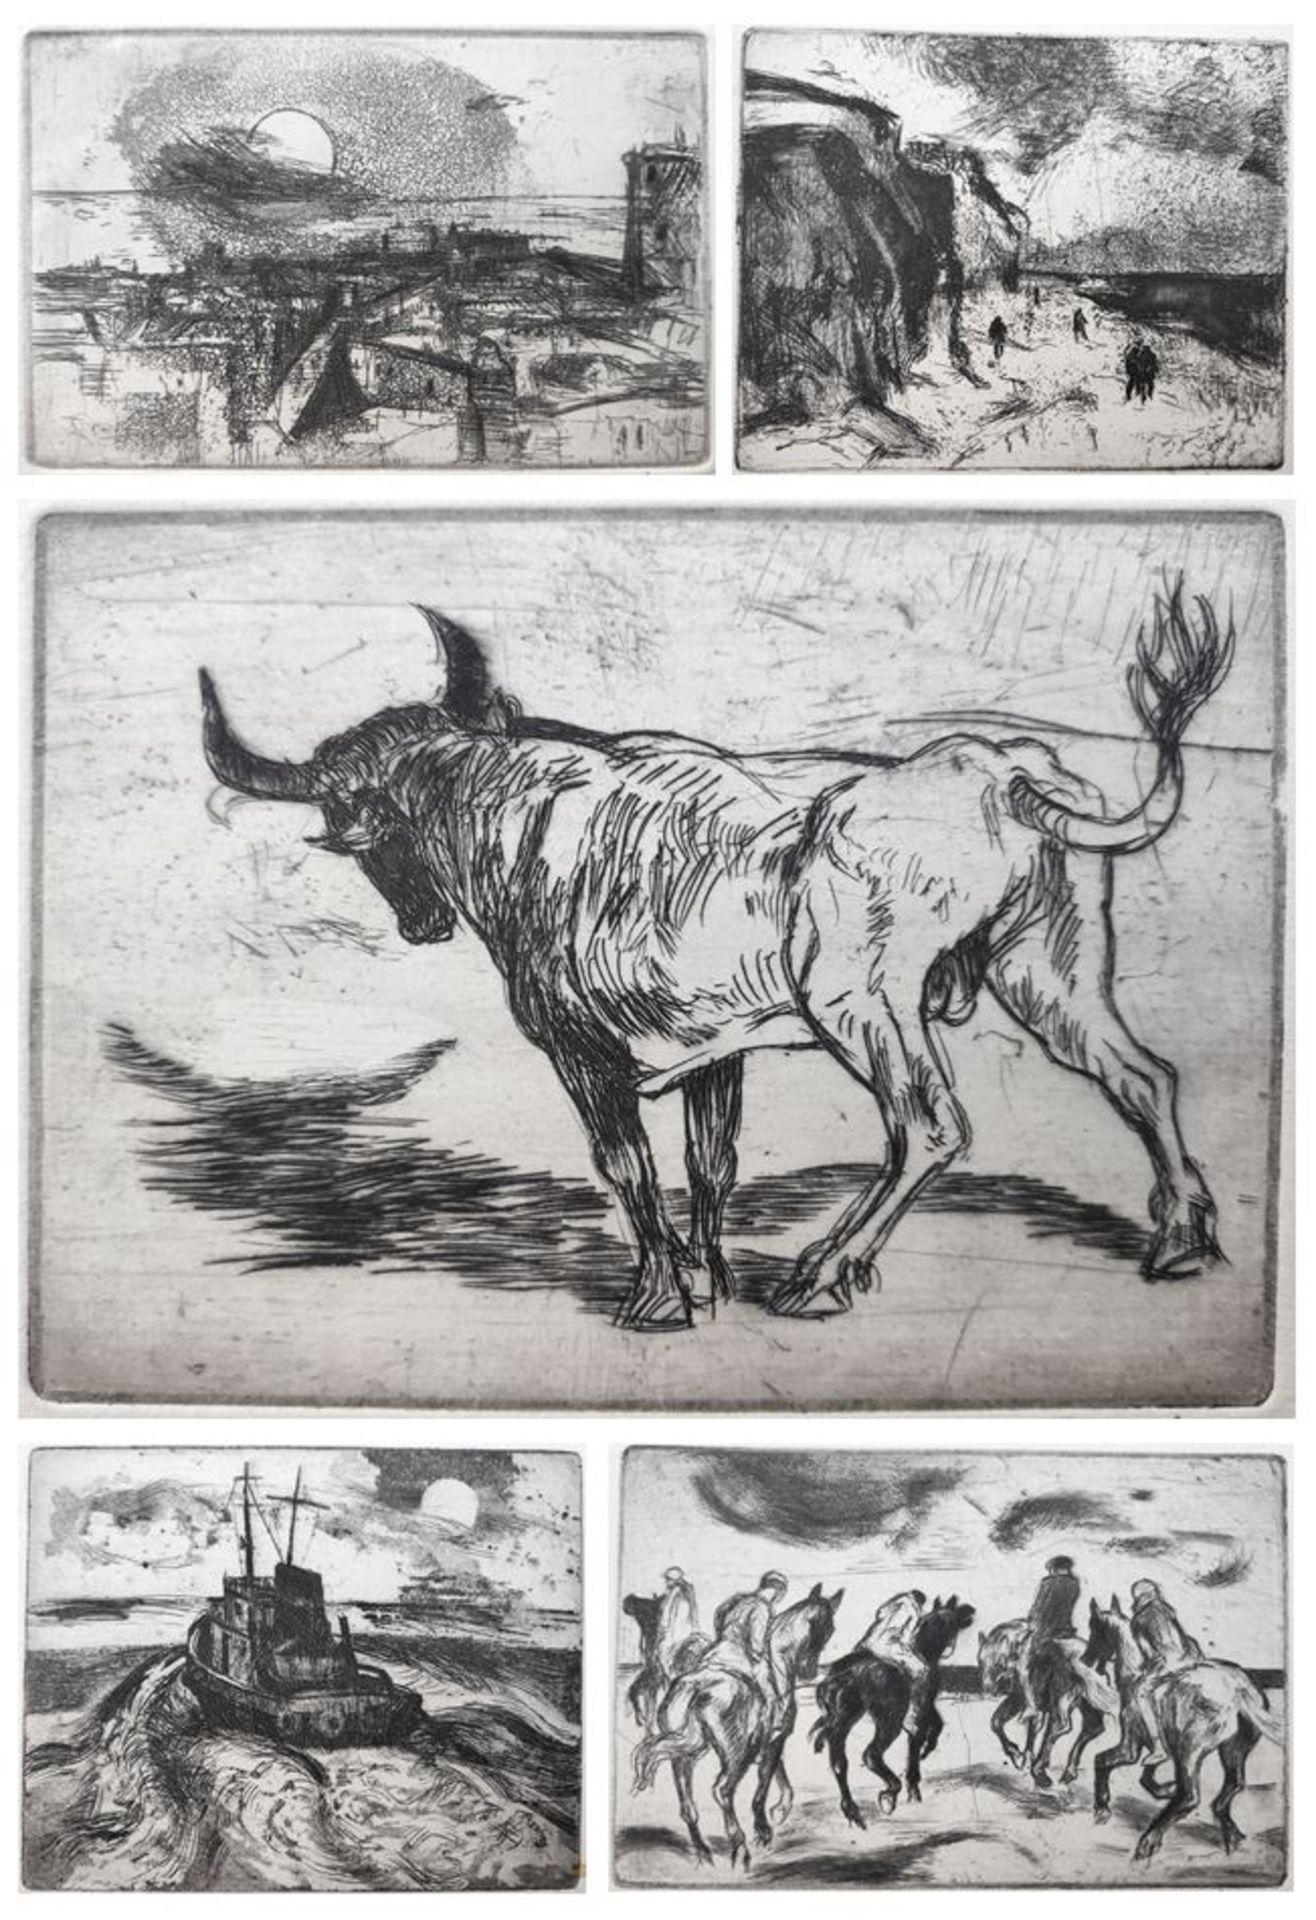 """Austen, Rudolf (1931 Hainspach – 2003 Rostock) 5 Radierungen: """"Kutter"""" (1985) / """"Steilküste"""" (1988)"""